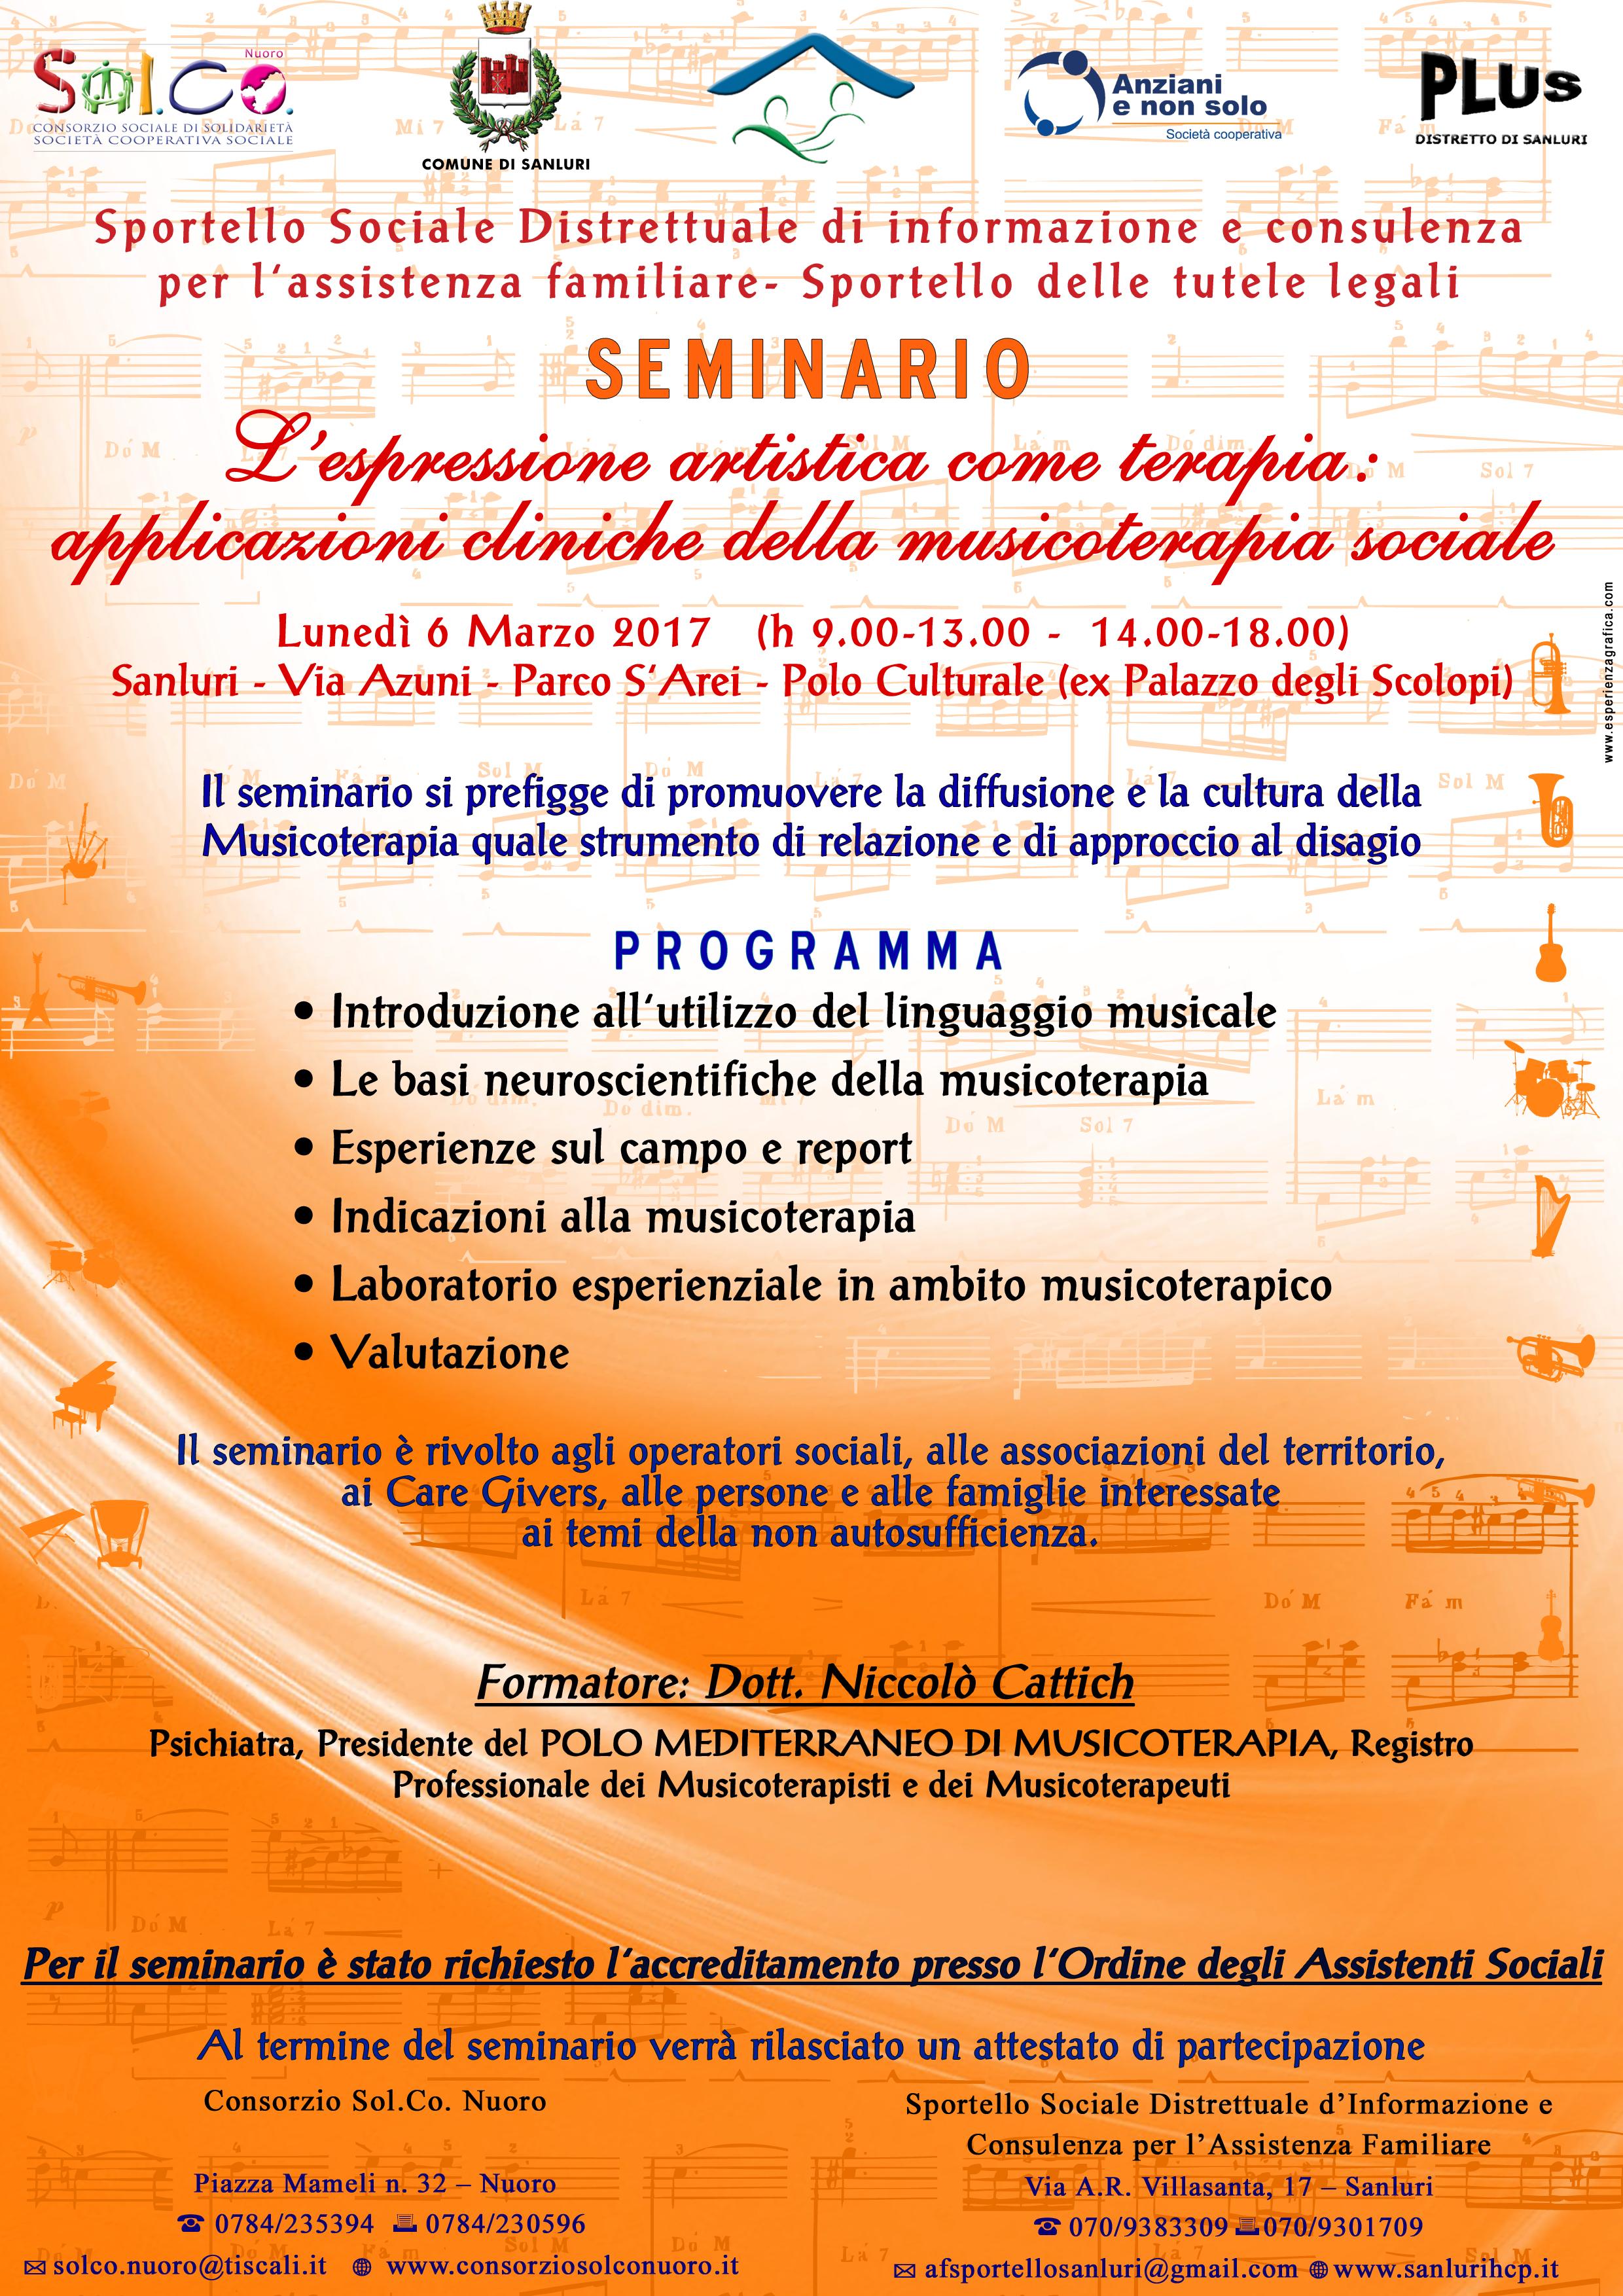 """PLUS DISTRETTO DI SANLURI – PROGETTO HCP 2014 - """"SEMINARIO L'ESPRESSIONE ARTISTICA COME TERAPIA: APPLICAZIONI CLINICHE DELLA MUSICOTERAPIA SOCIALE"""" - COMUNICAZIONE"""